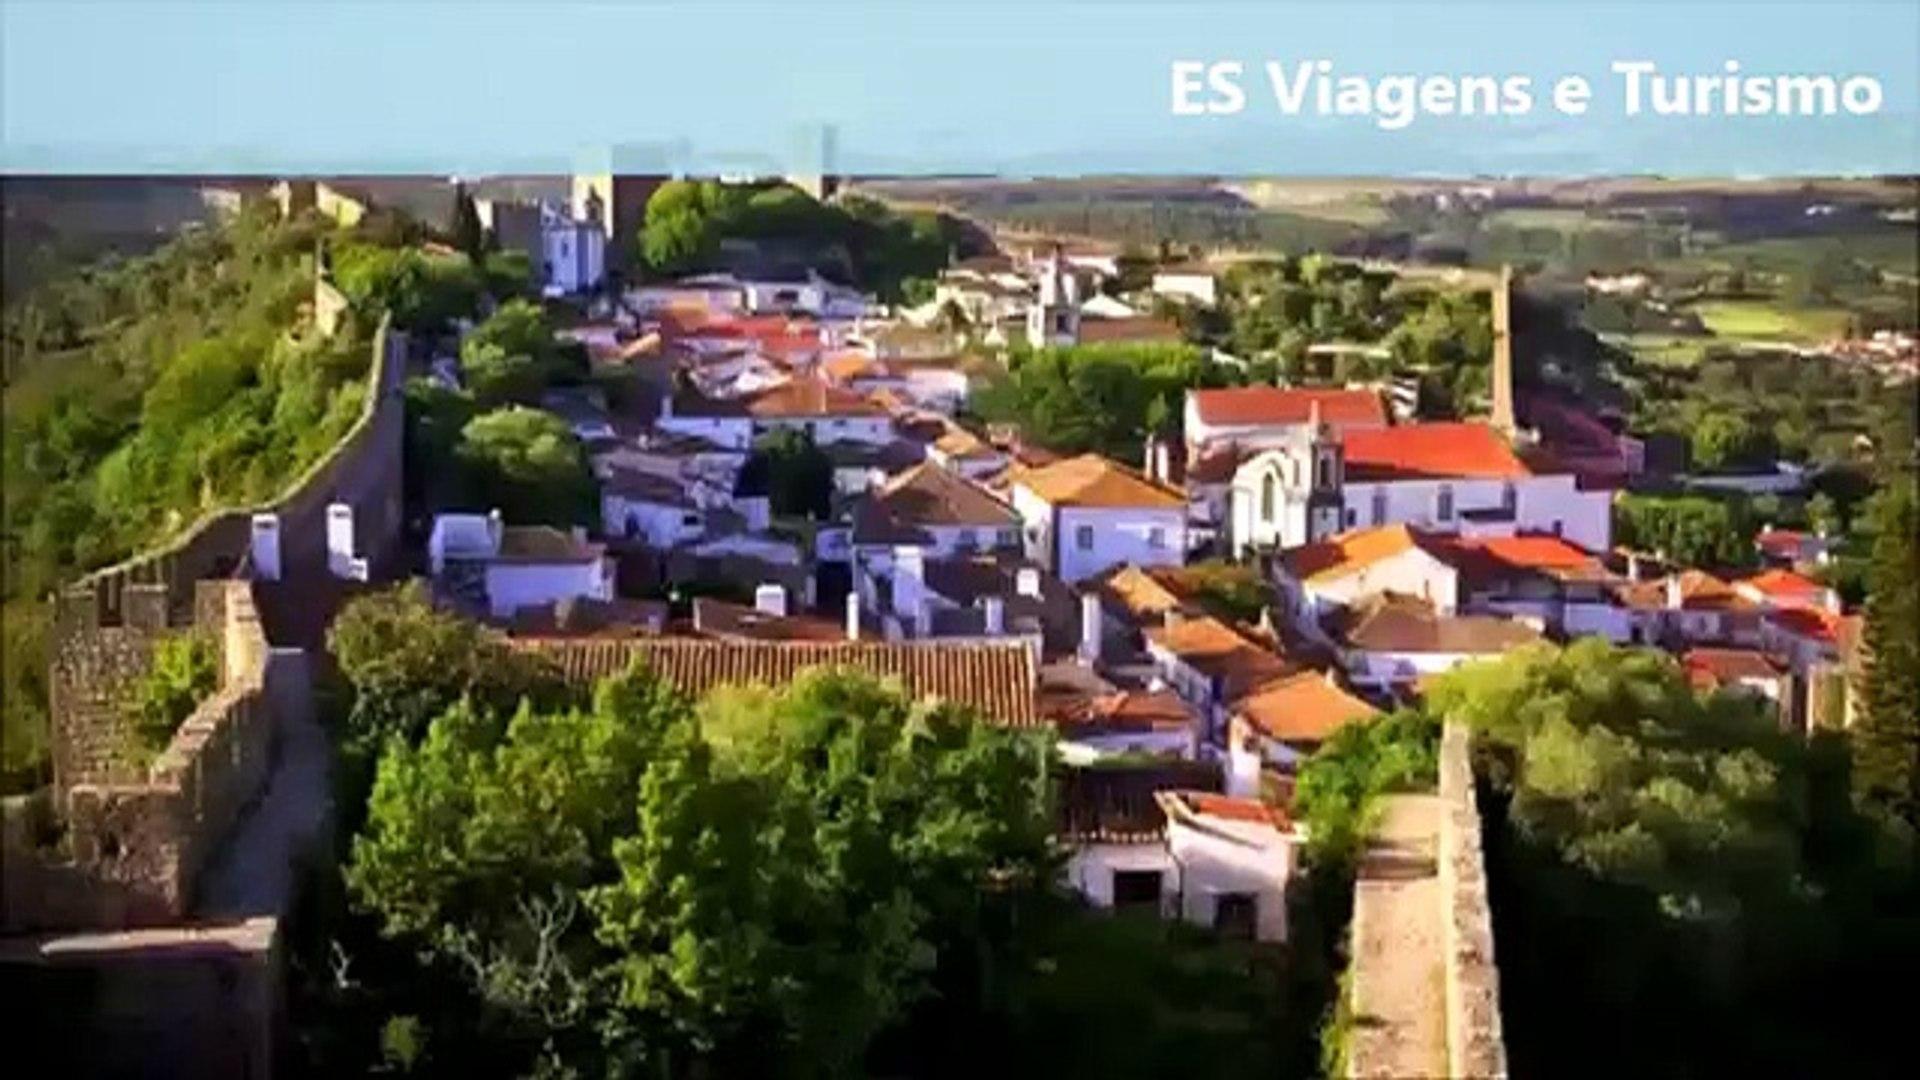 ES Viagens e Turismo - Portugal 2014